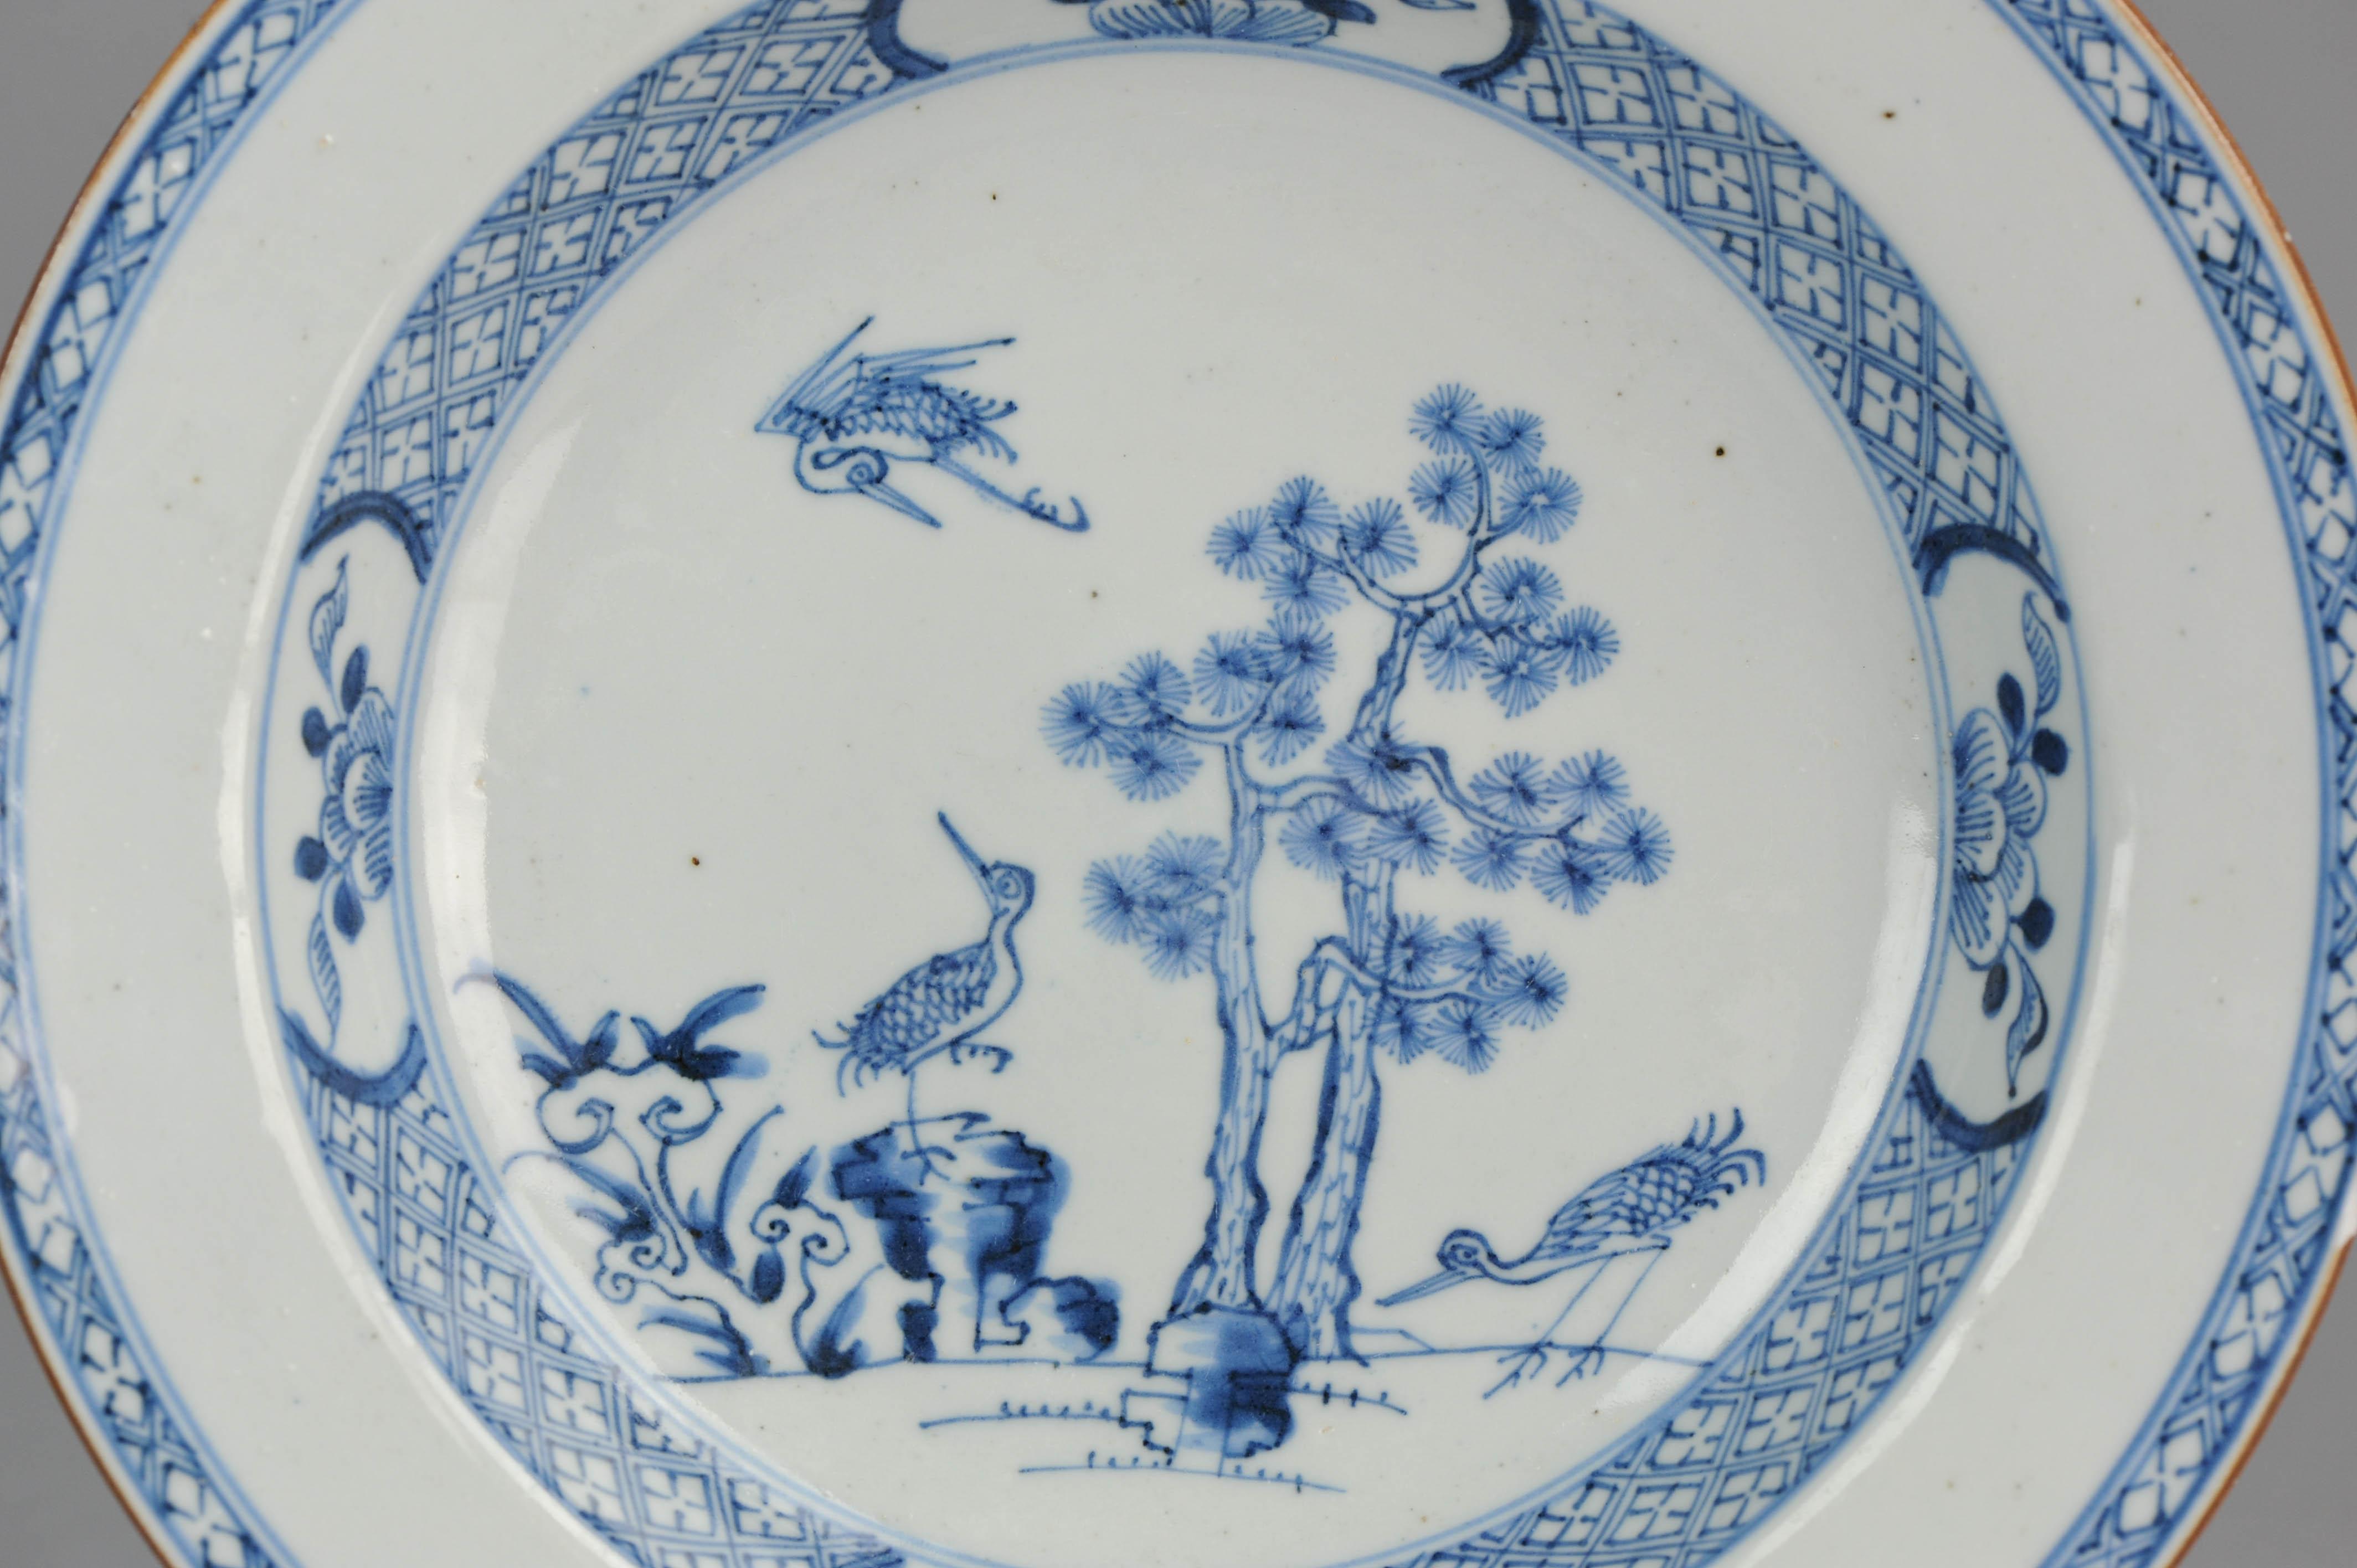 Antique 18th C Crane Plate Yongzheng Chinese Porcelain & Ebay Antique Plates - Castrophotos